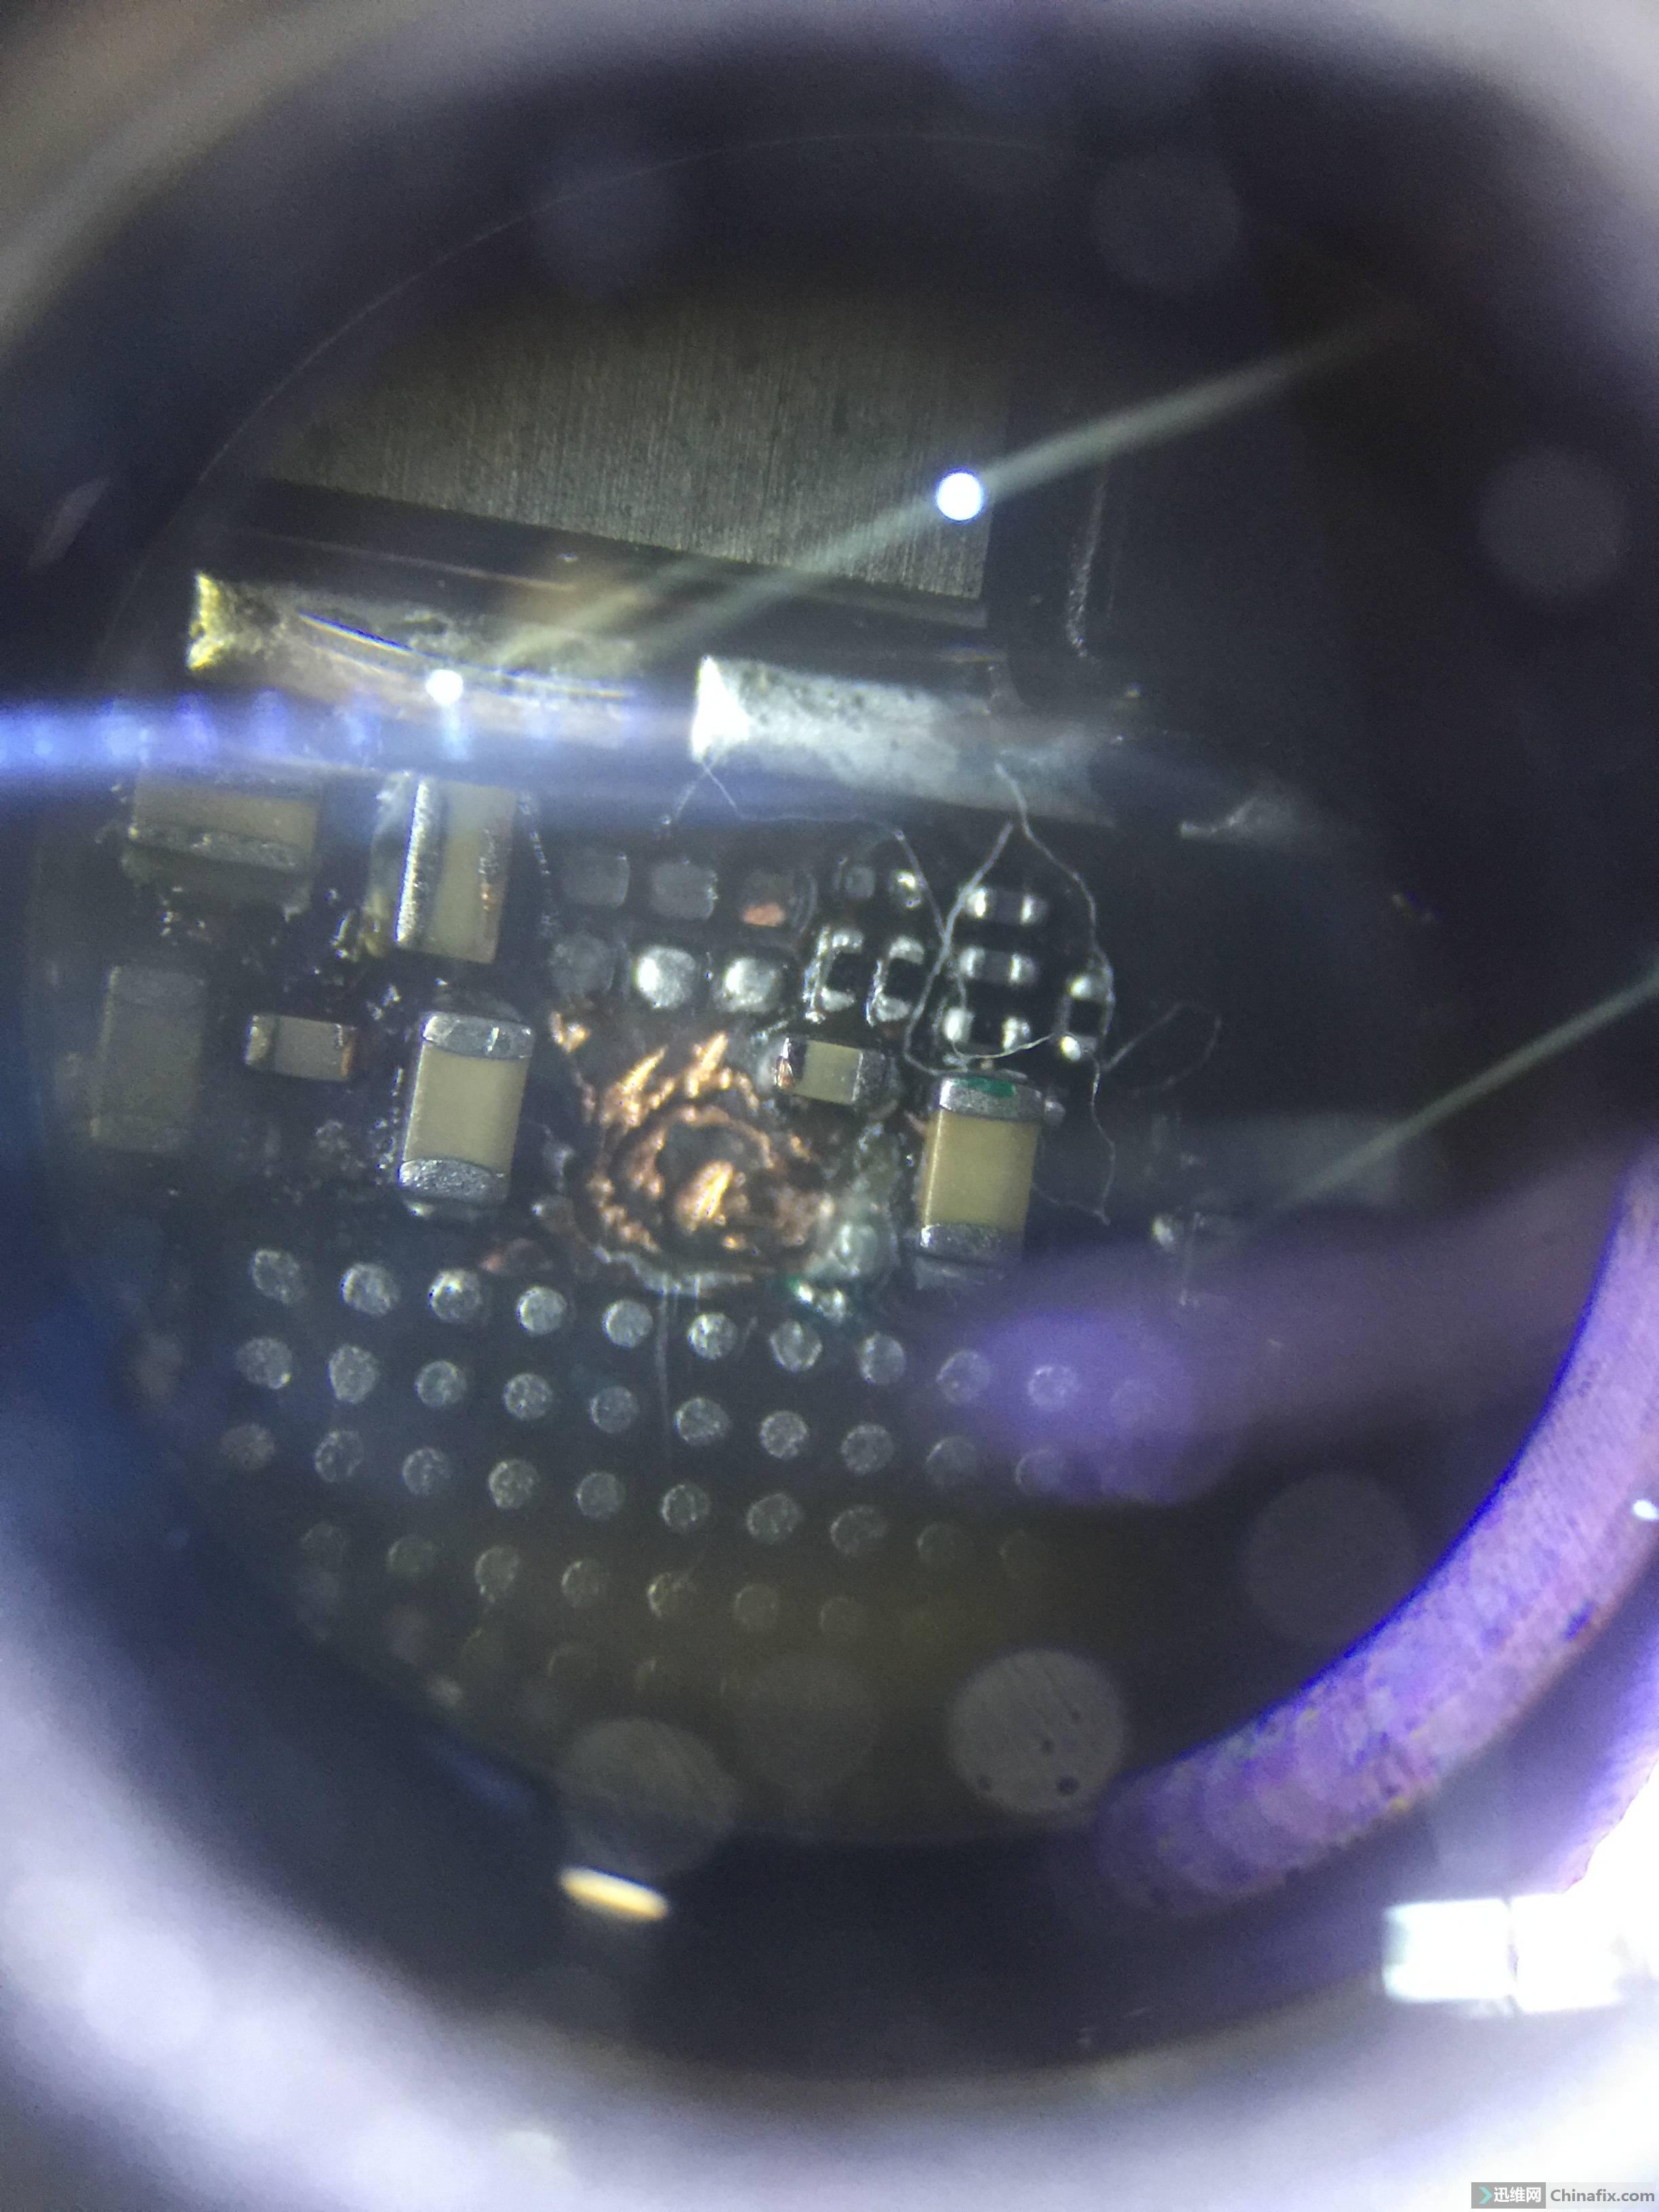 这个是大音频上端。这个挖点修开了机但影响了蓝牙打不开